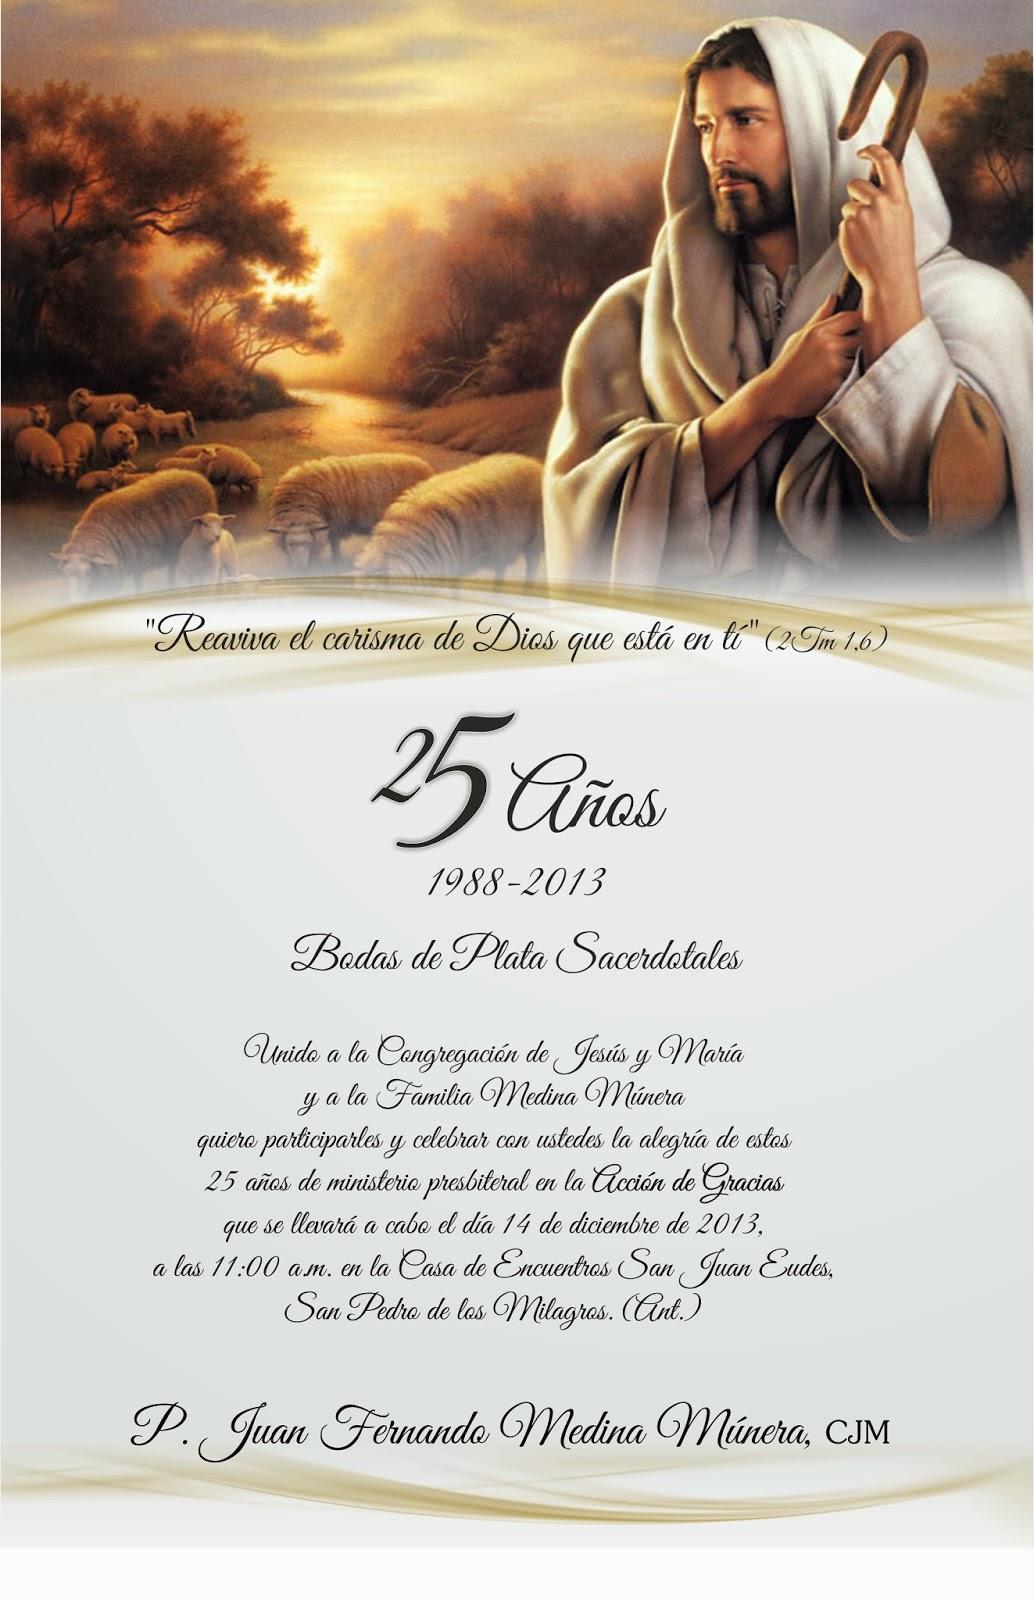 de colombia la celebración de los 25 años de vida sacerdotal de